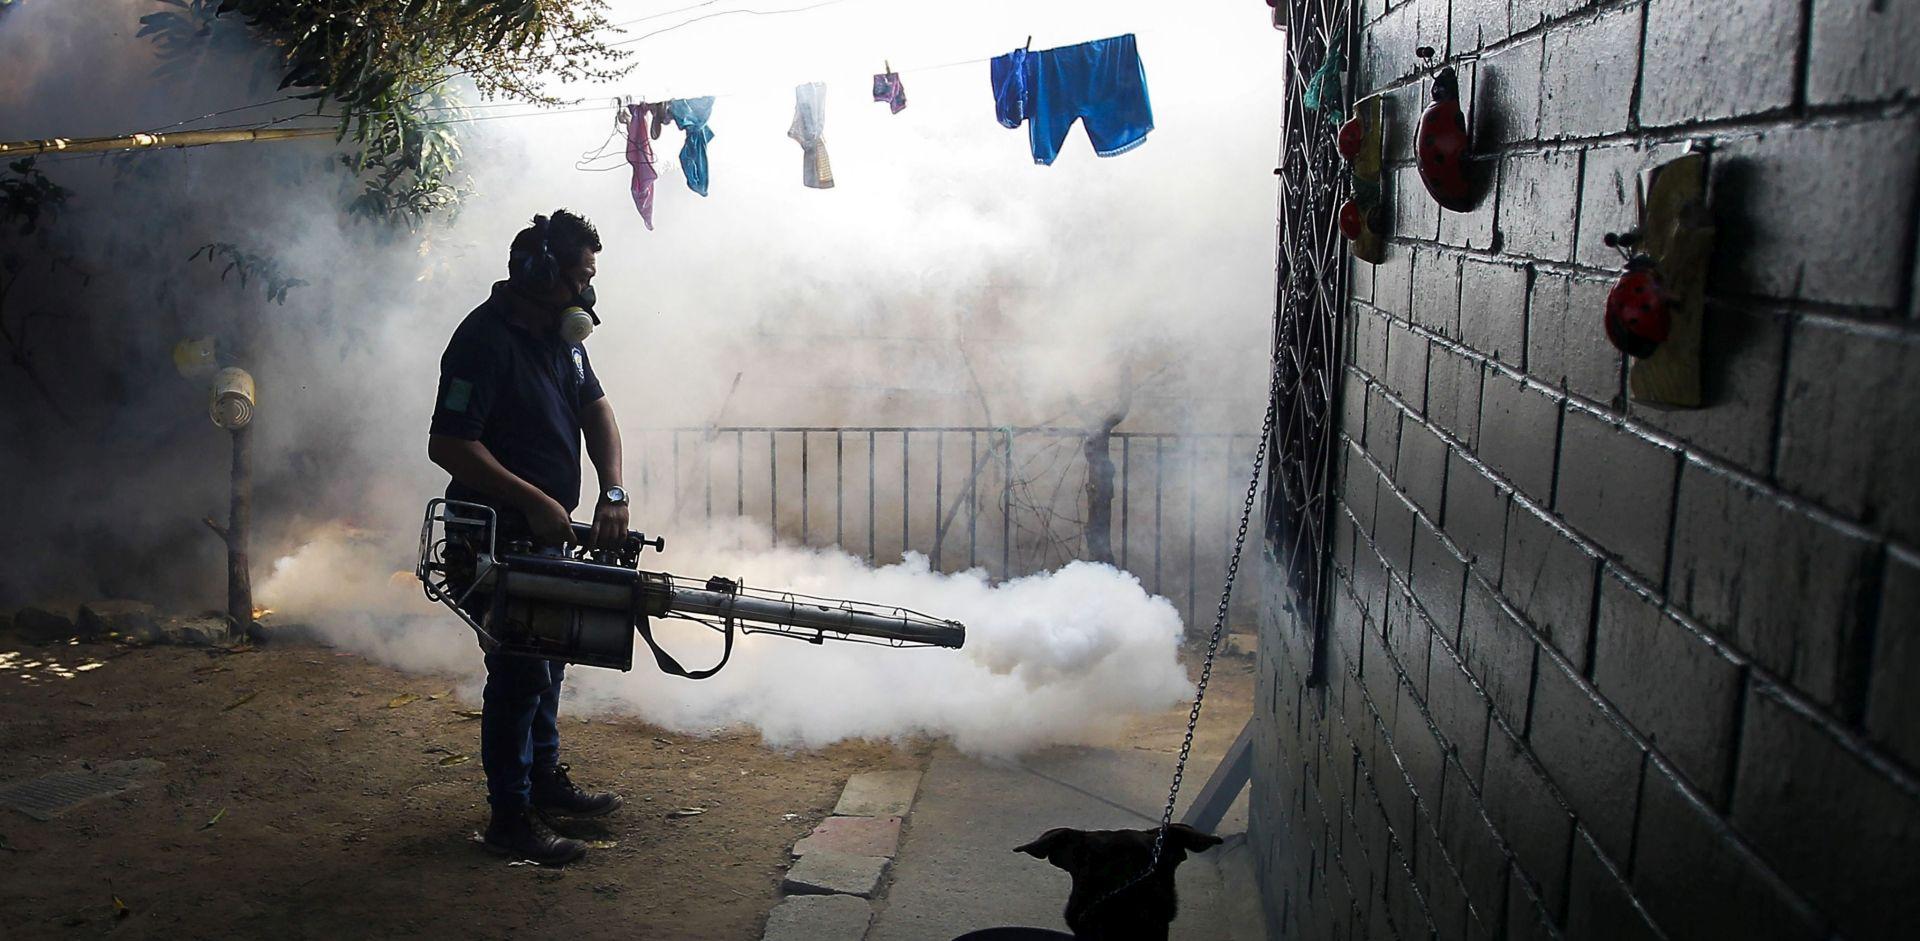 ZIKA VIRUS U borbu protiv komaraca brazilska vlada šalje vojsku